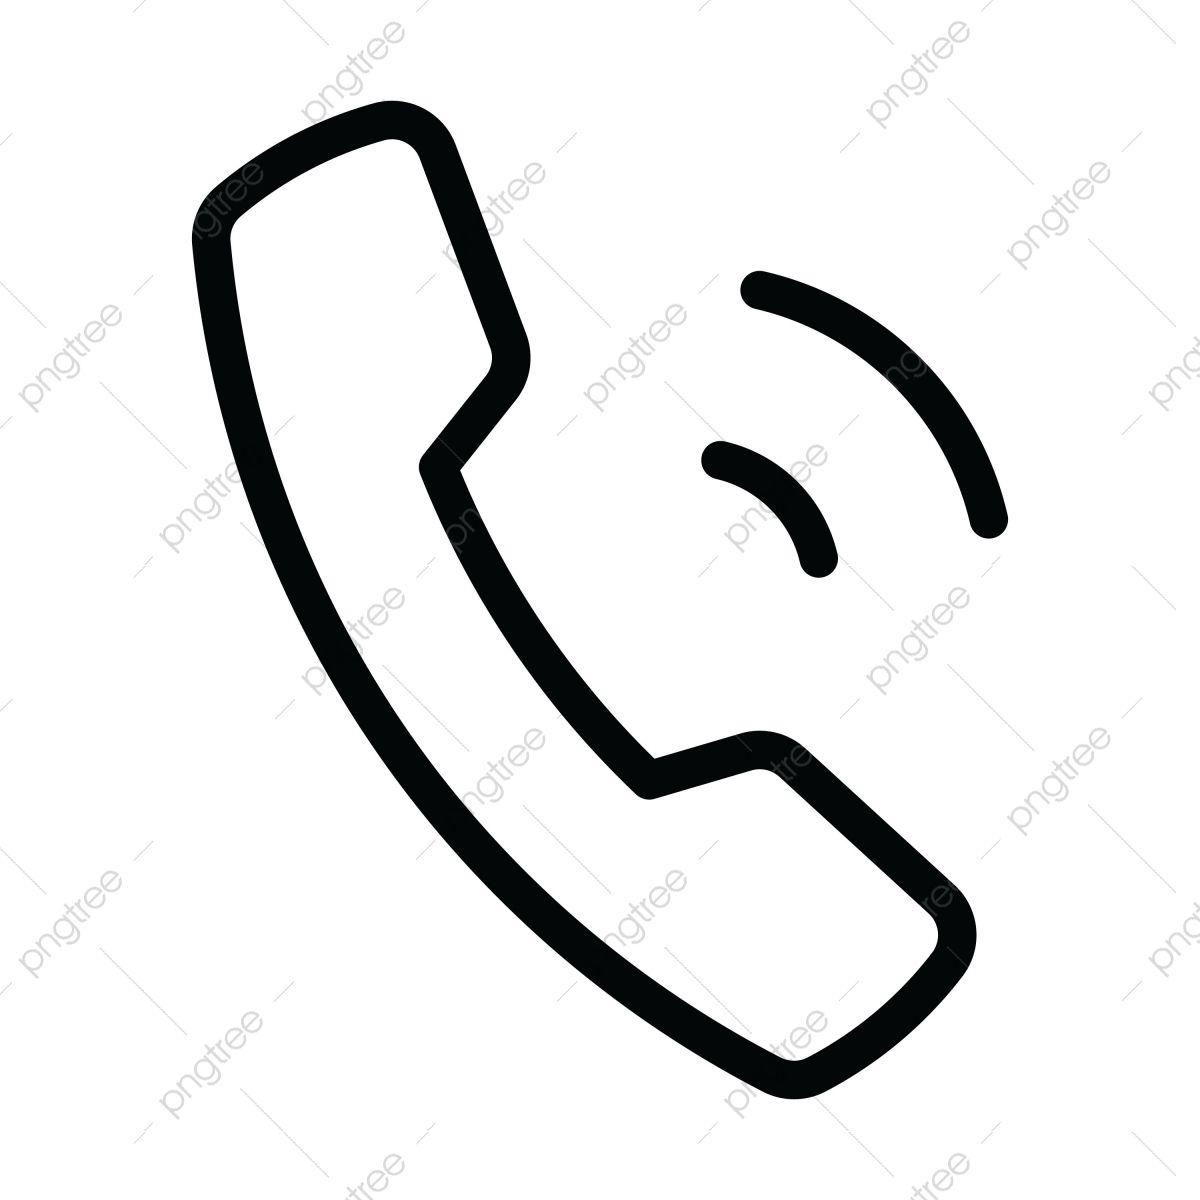 Icono De Telefono Iconos De Telefono Antecedentes Negocio Png Y Vector Para Descargar Gratis Pngtree In 2021 Phone Icon Icon Social Media Icons